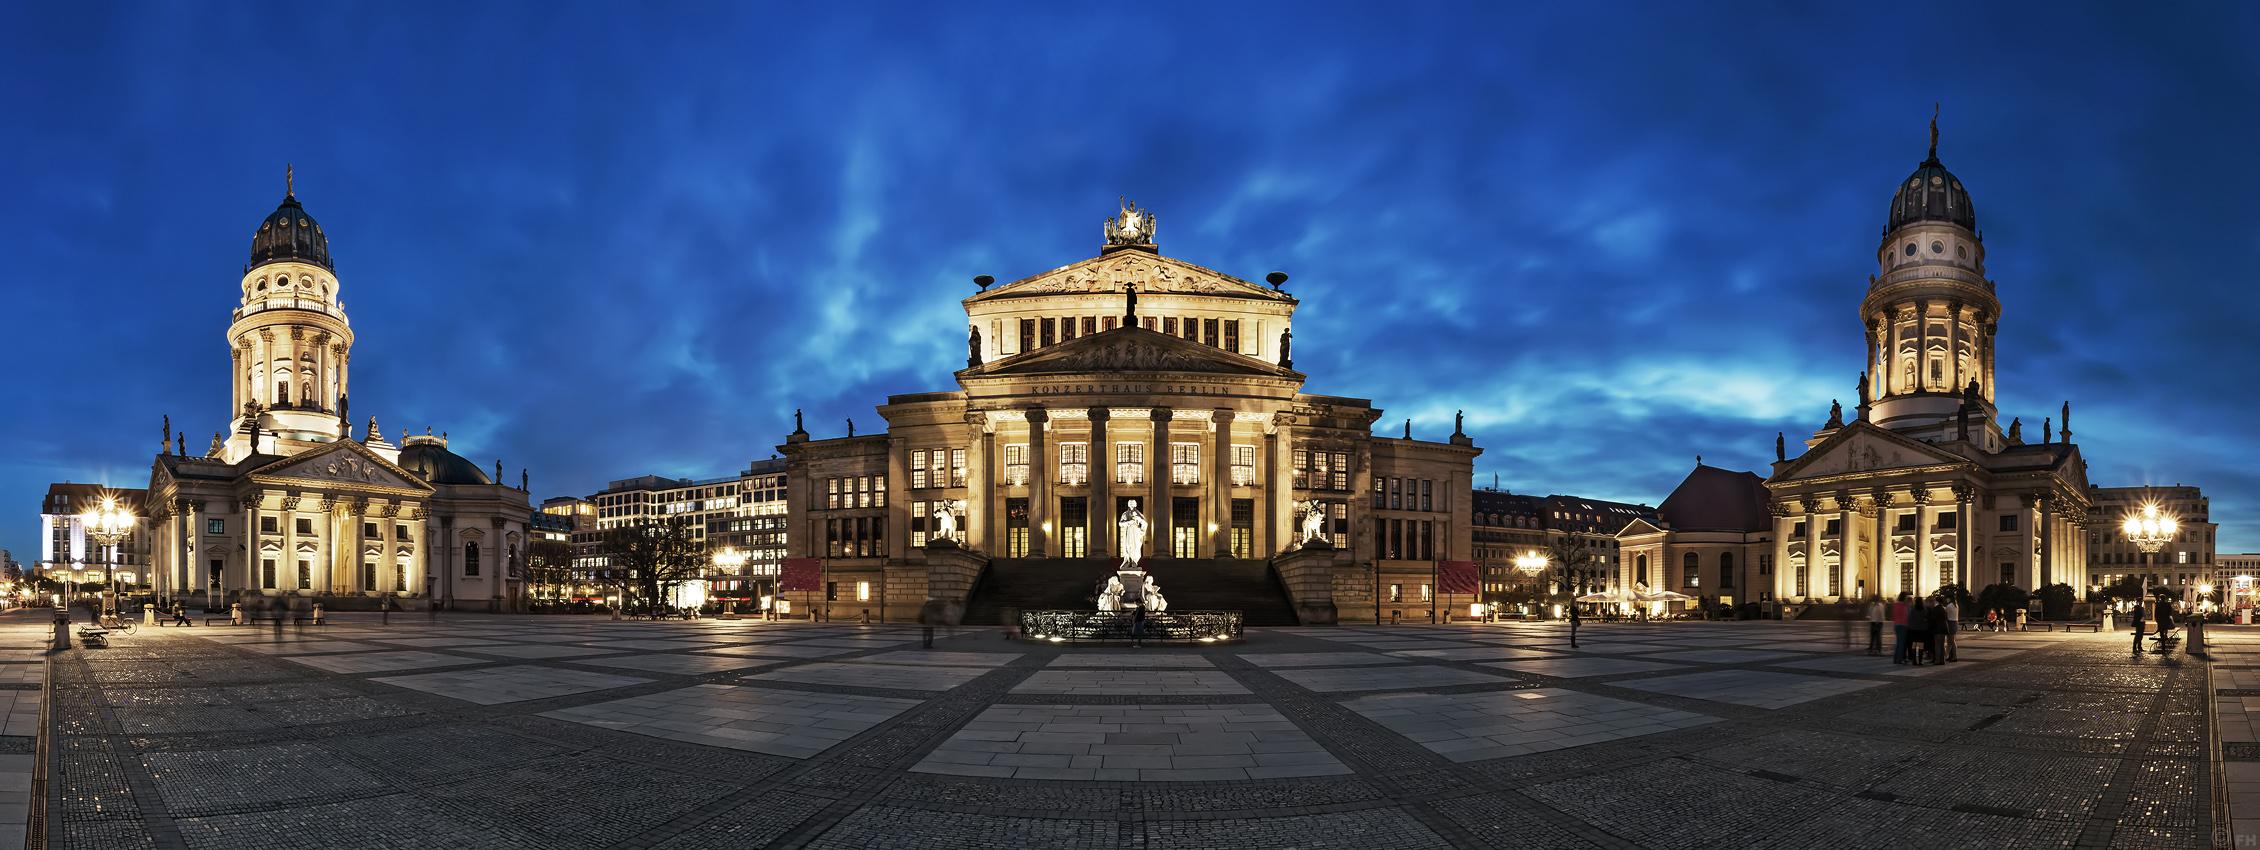 Gendarmenmarkt_Panorama_k